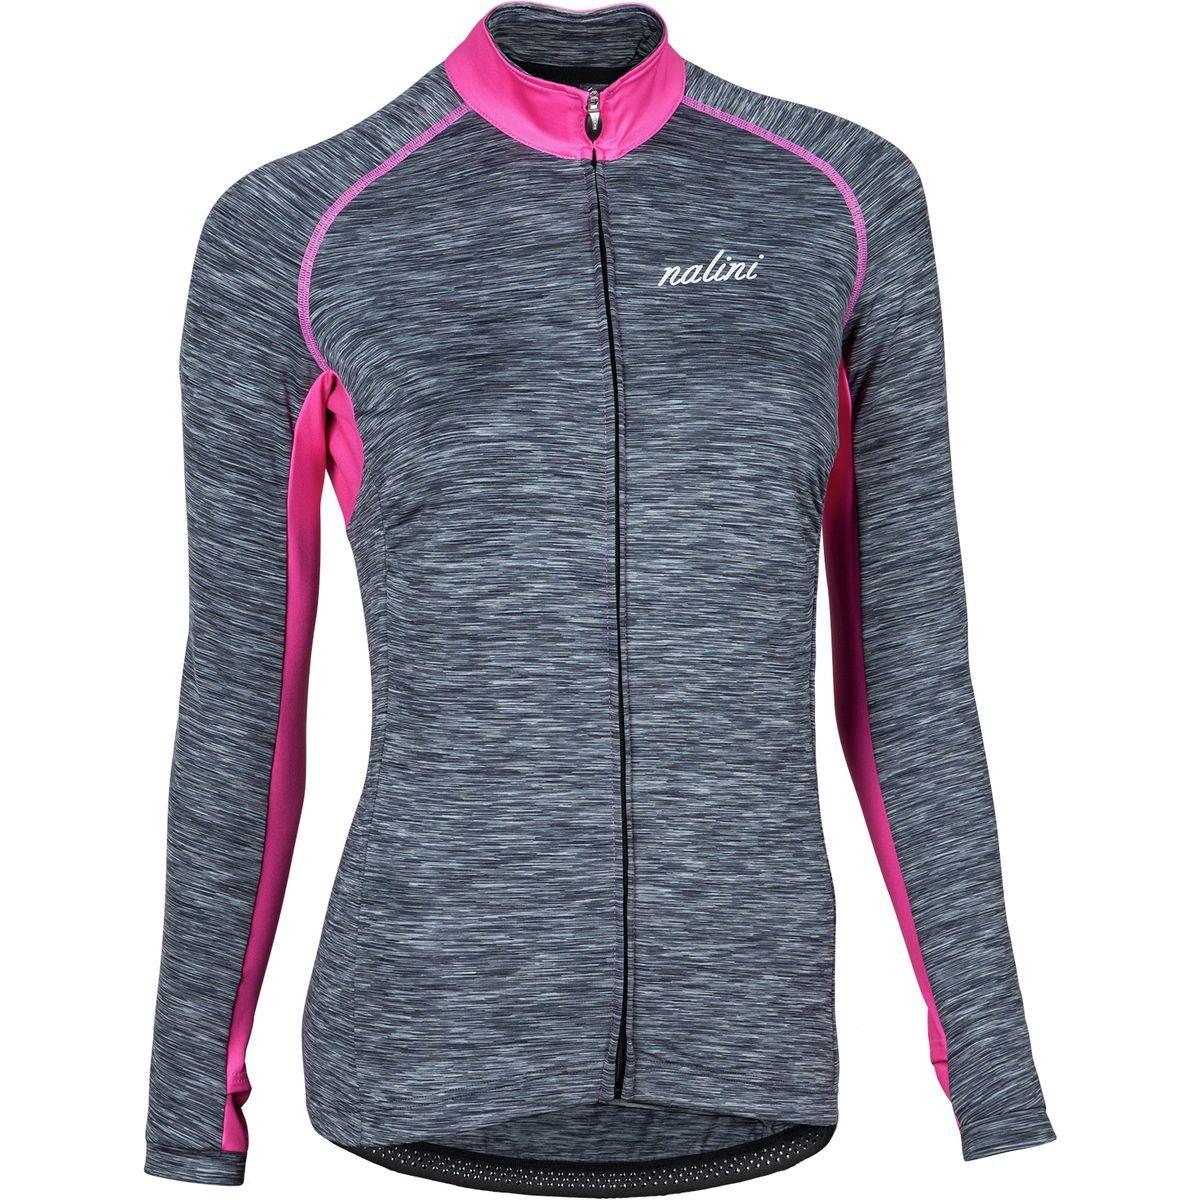 ナリーニ(ナリーニ) 4010 NUNKI サイクルウェア 自転車ジャージ 0248344010 HEATHER GRAY B076HWG6KJ Medium|グレー/ピンク グレー/ピンク Medium